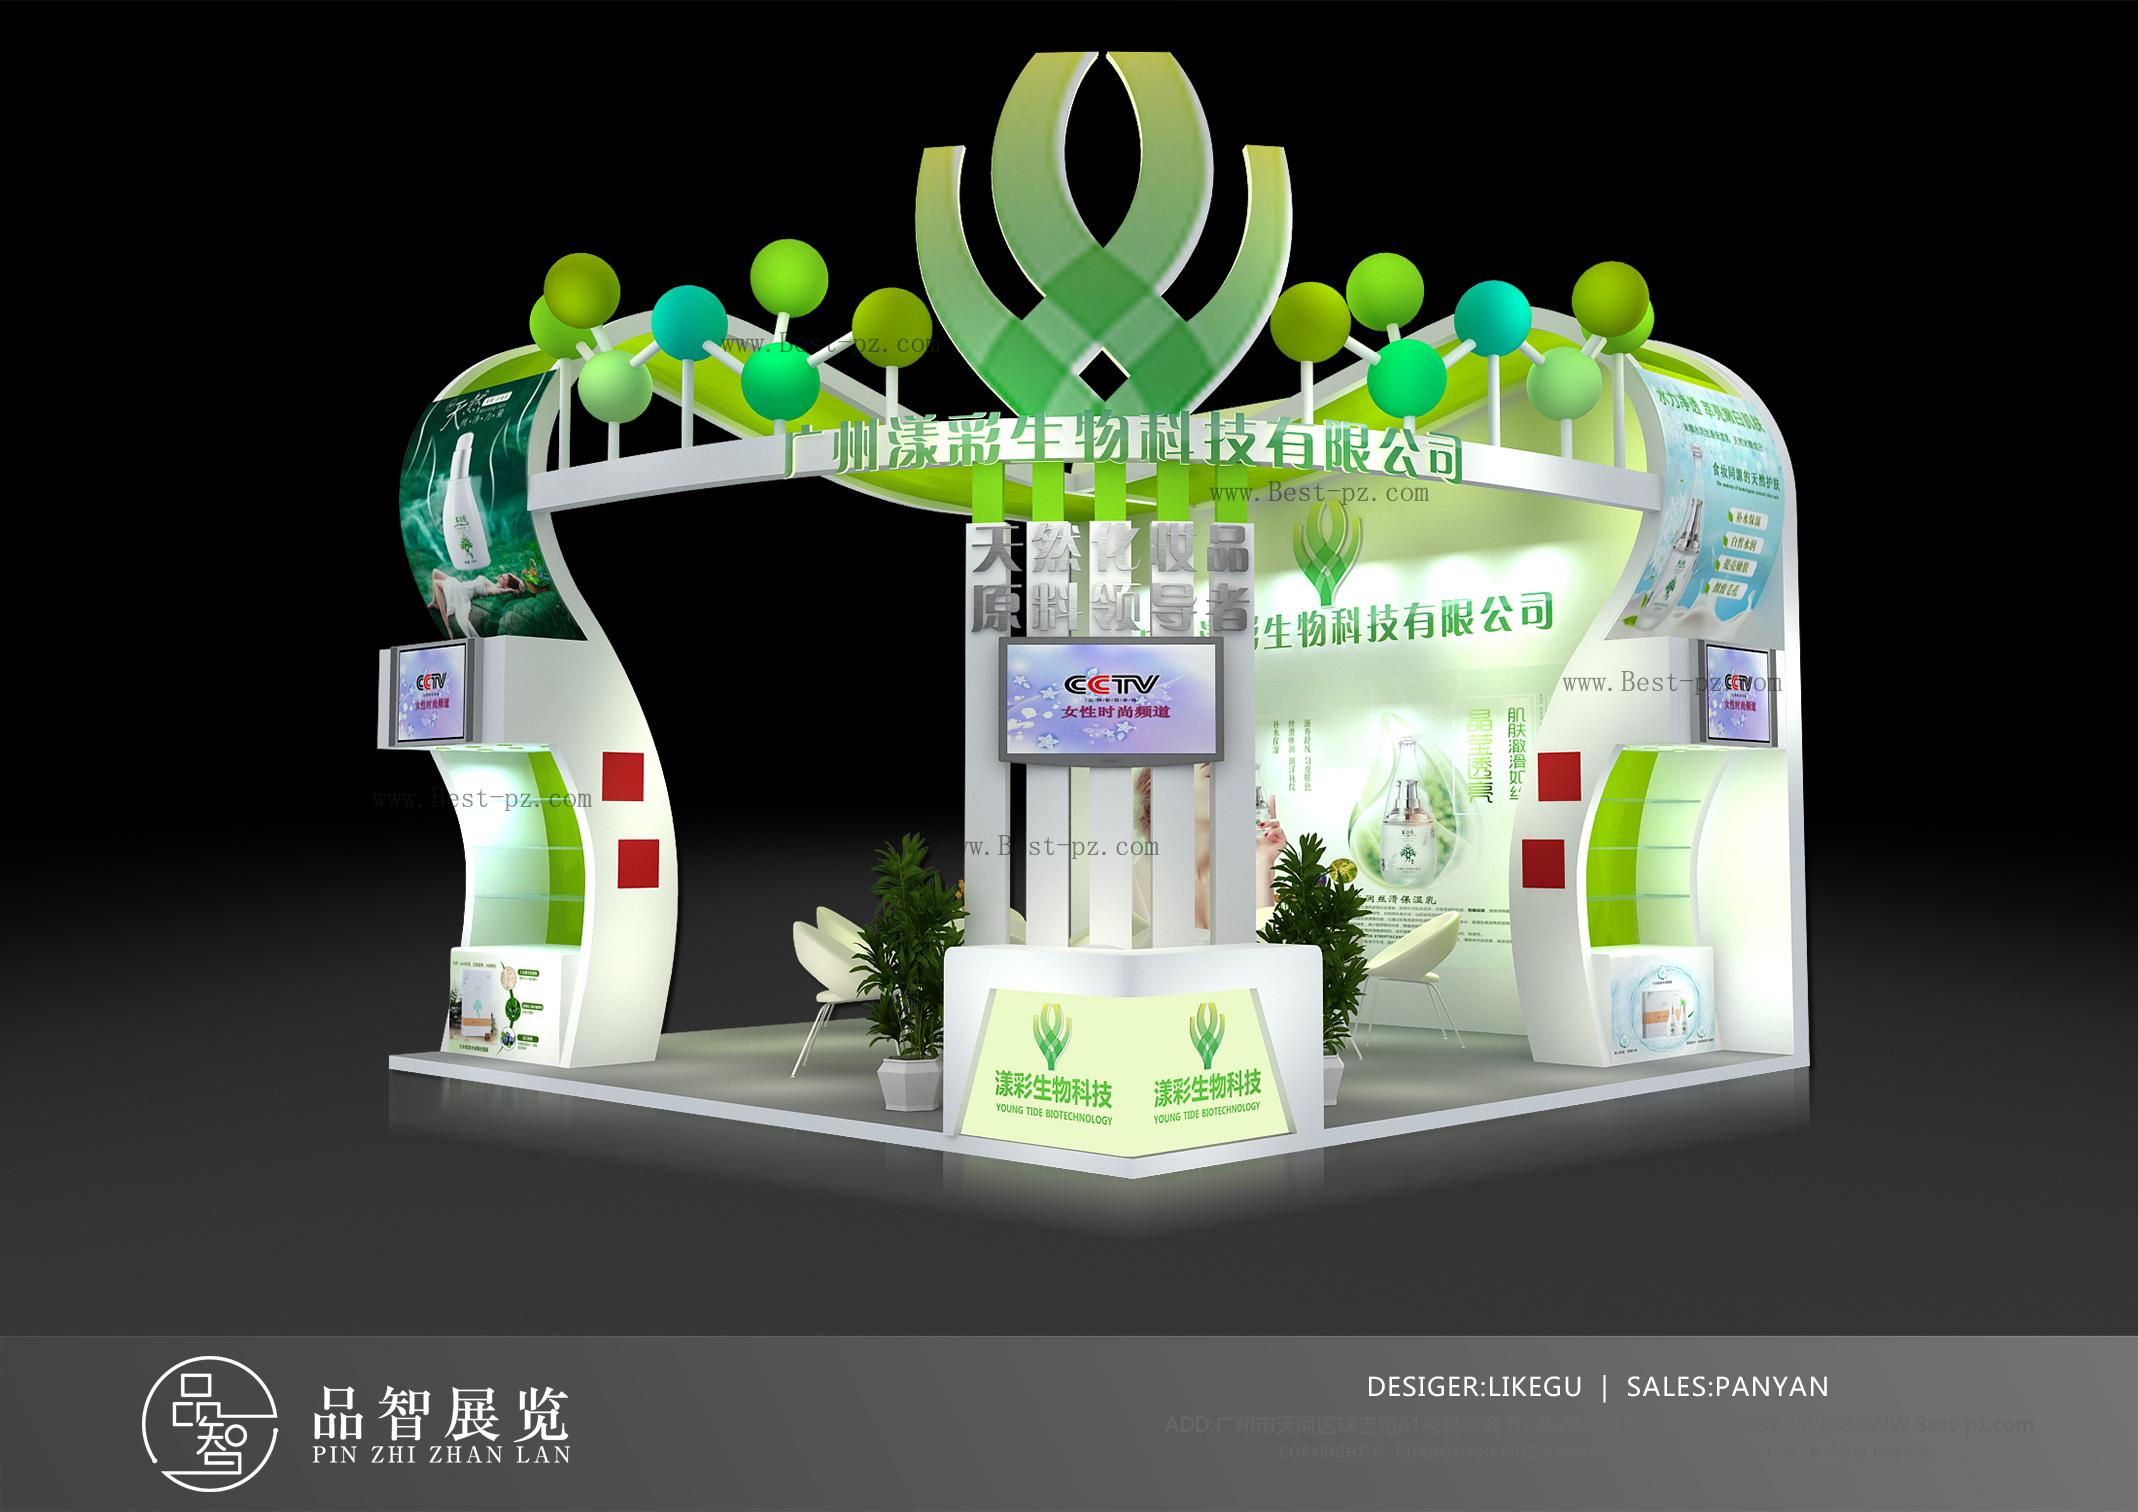 様彩生物科技展台设计方案